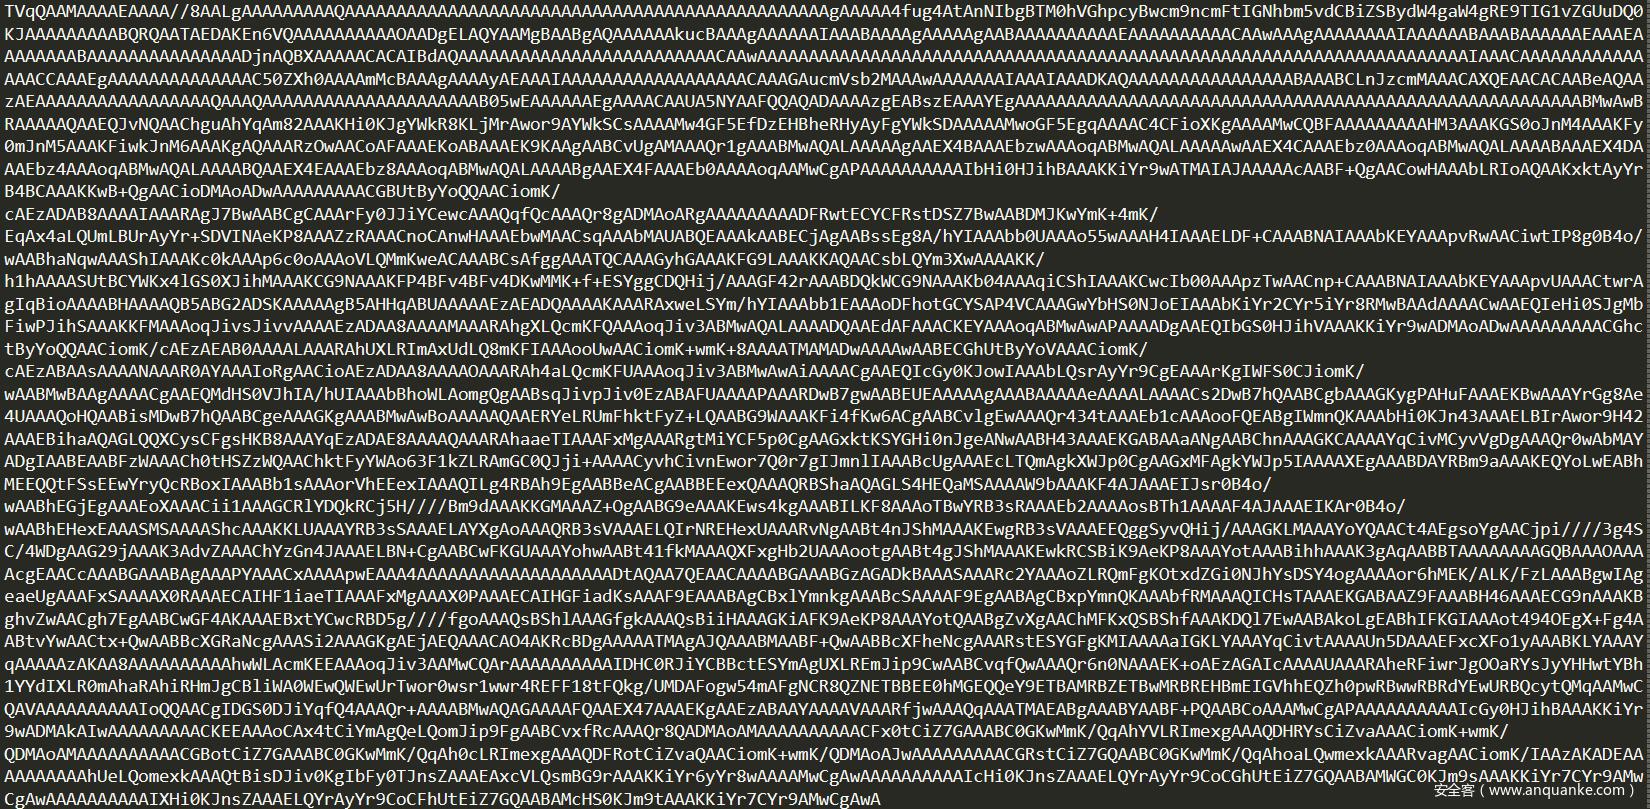 揭密无文件勒索病毒攻击,思考网络安全新威胁